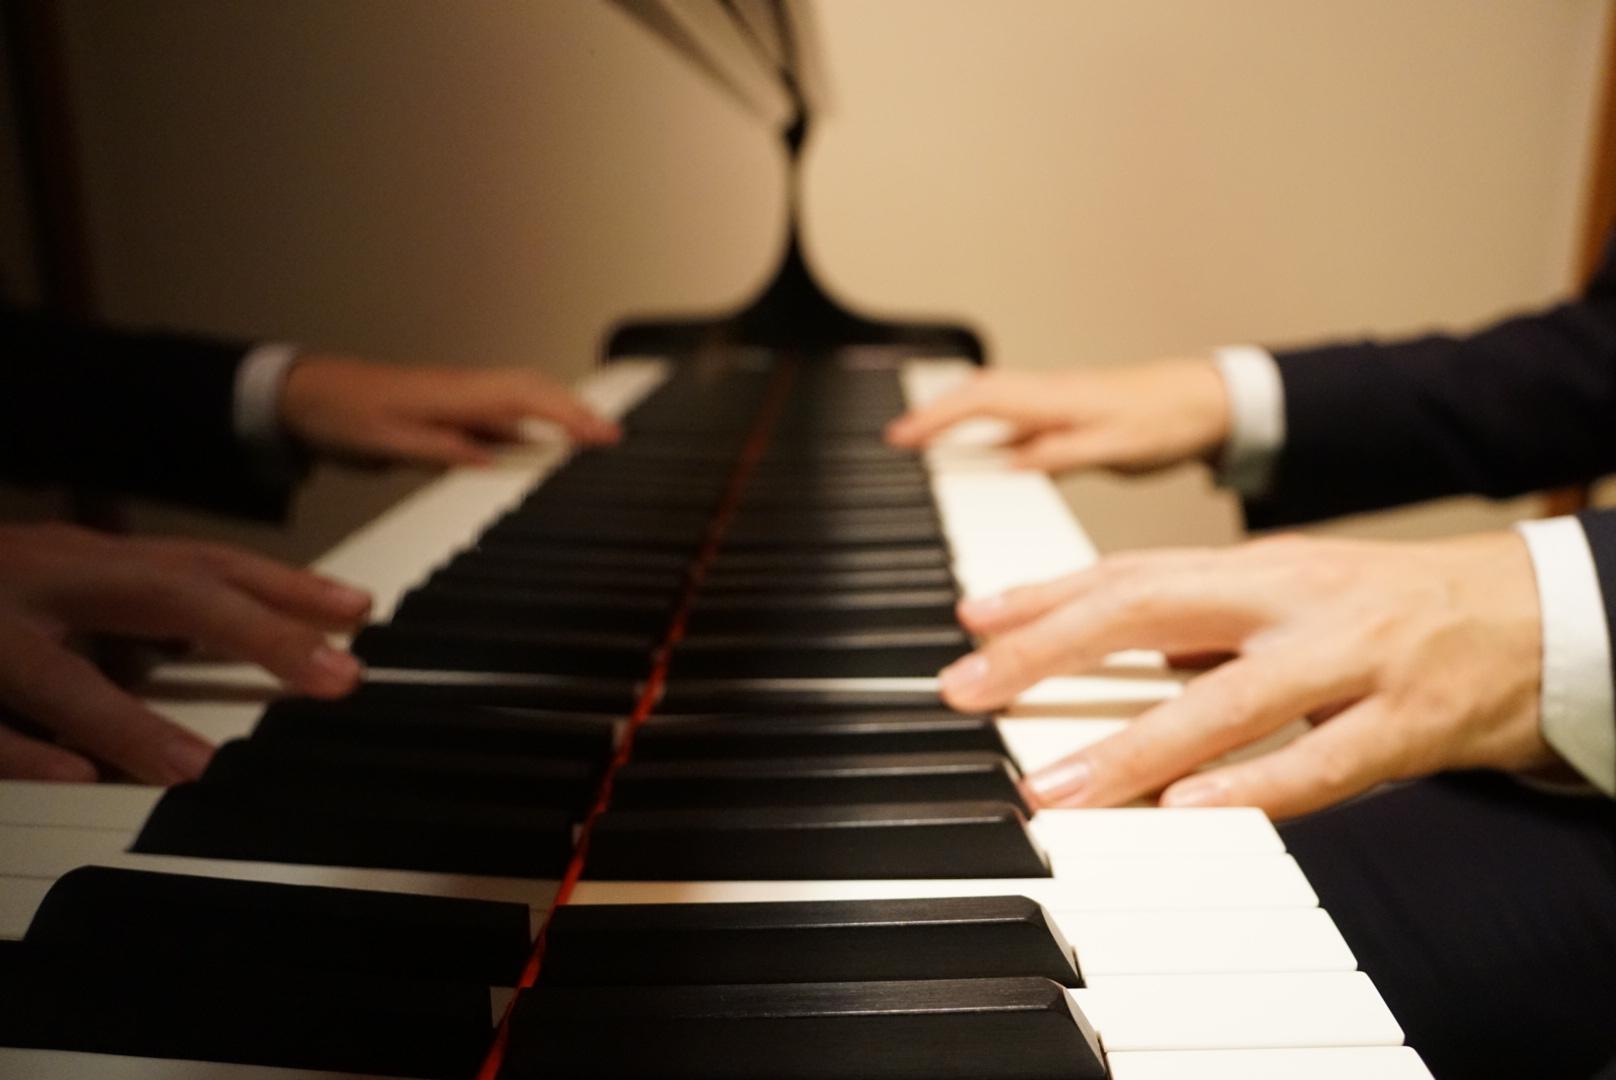 お辞儀の時に弾くピアノの和音とコード。その音の効果とは?